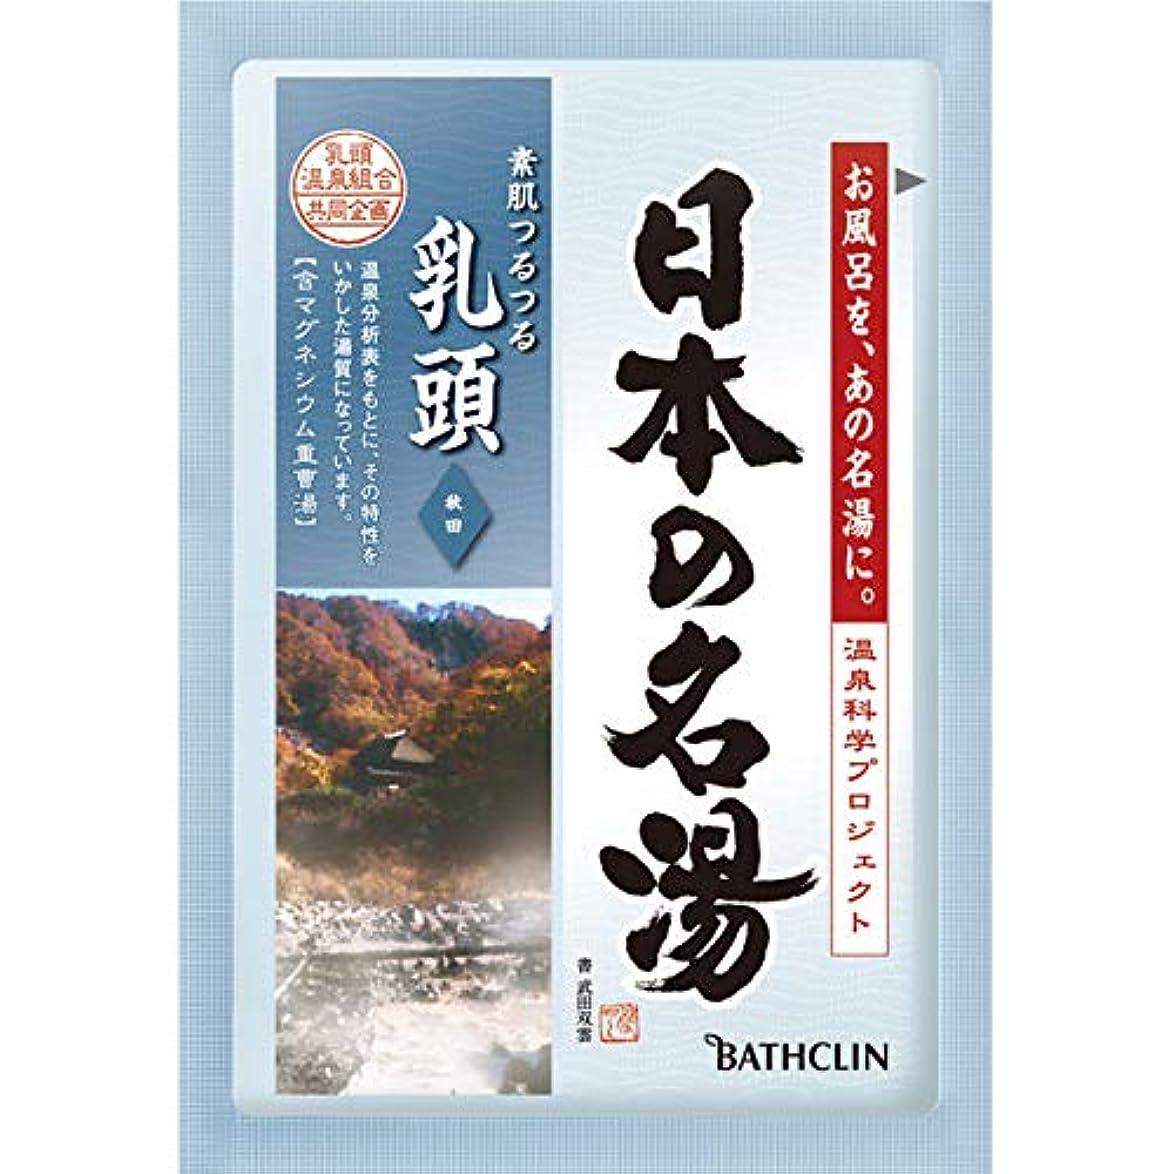 タオルスイッチごめんなさいバスクリン 日本の名湯 乳頭 30g (医薬部外品)